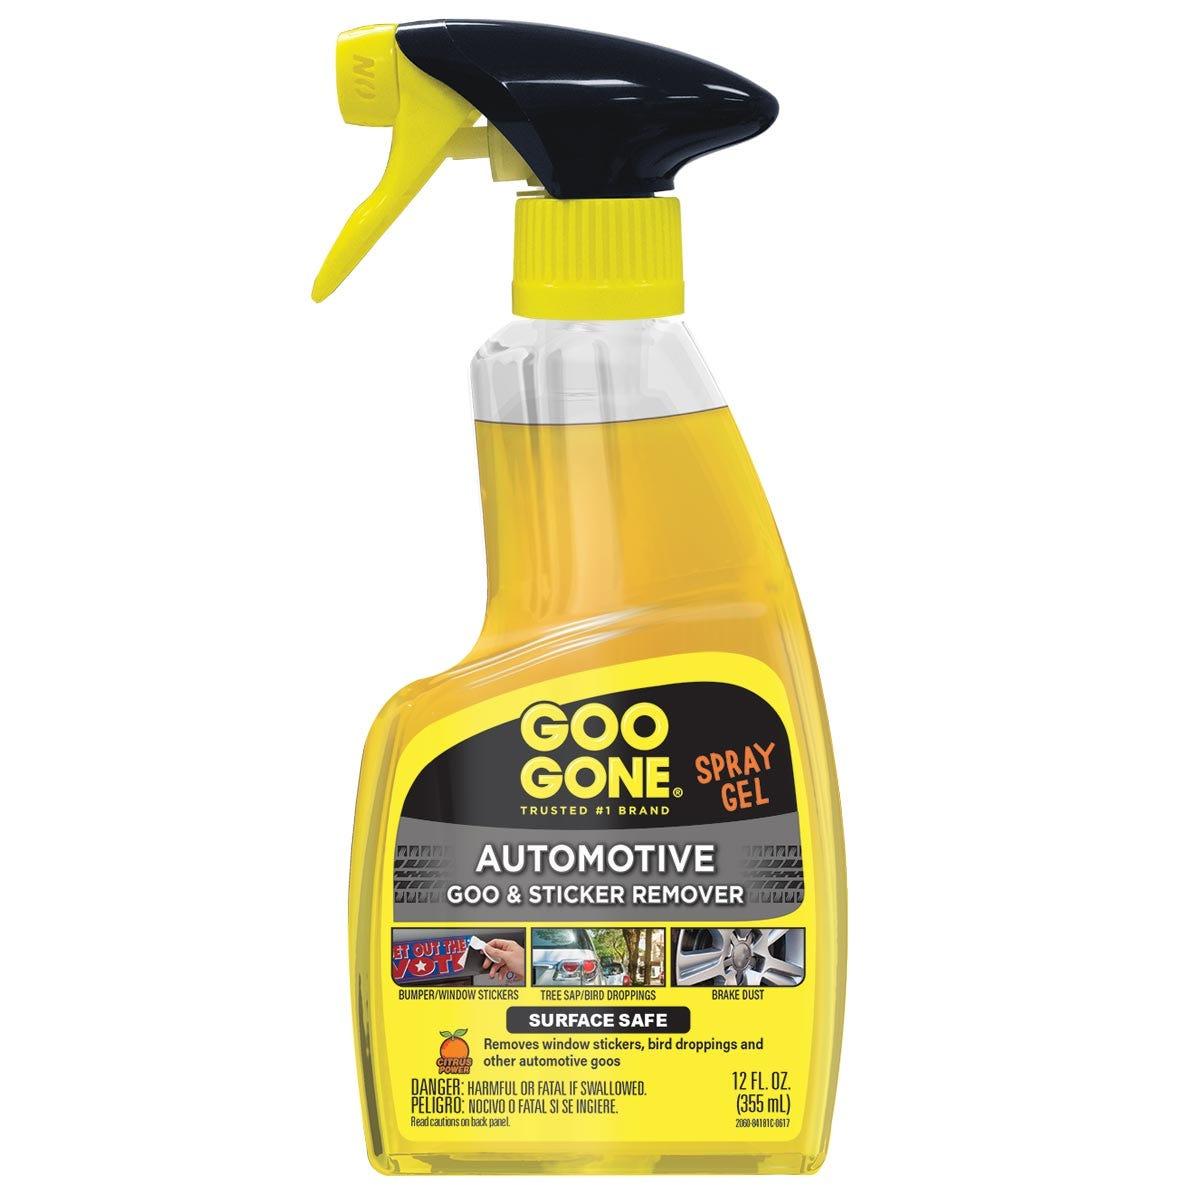 Automotive Adhesive Remover Spray Gel